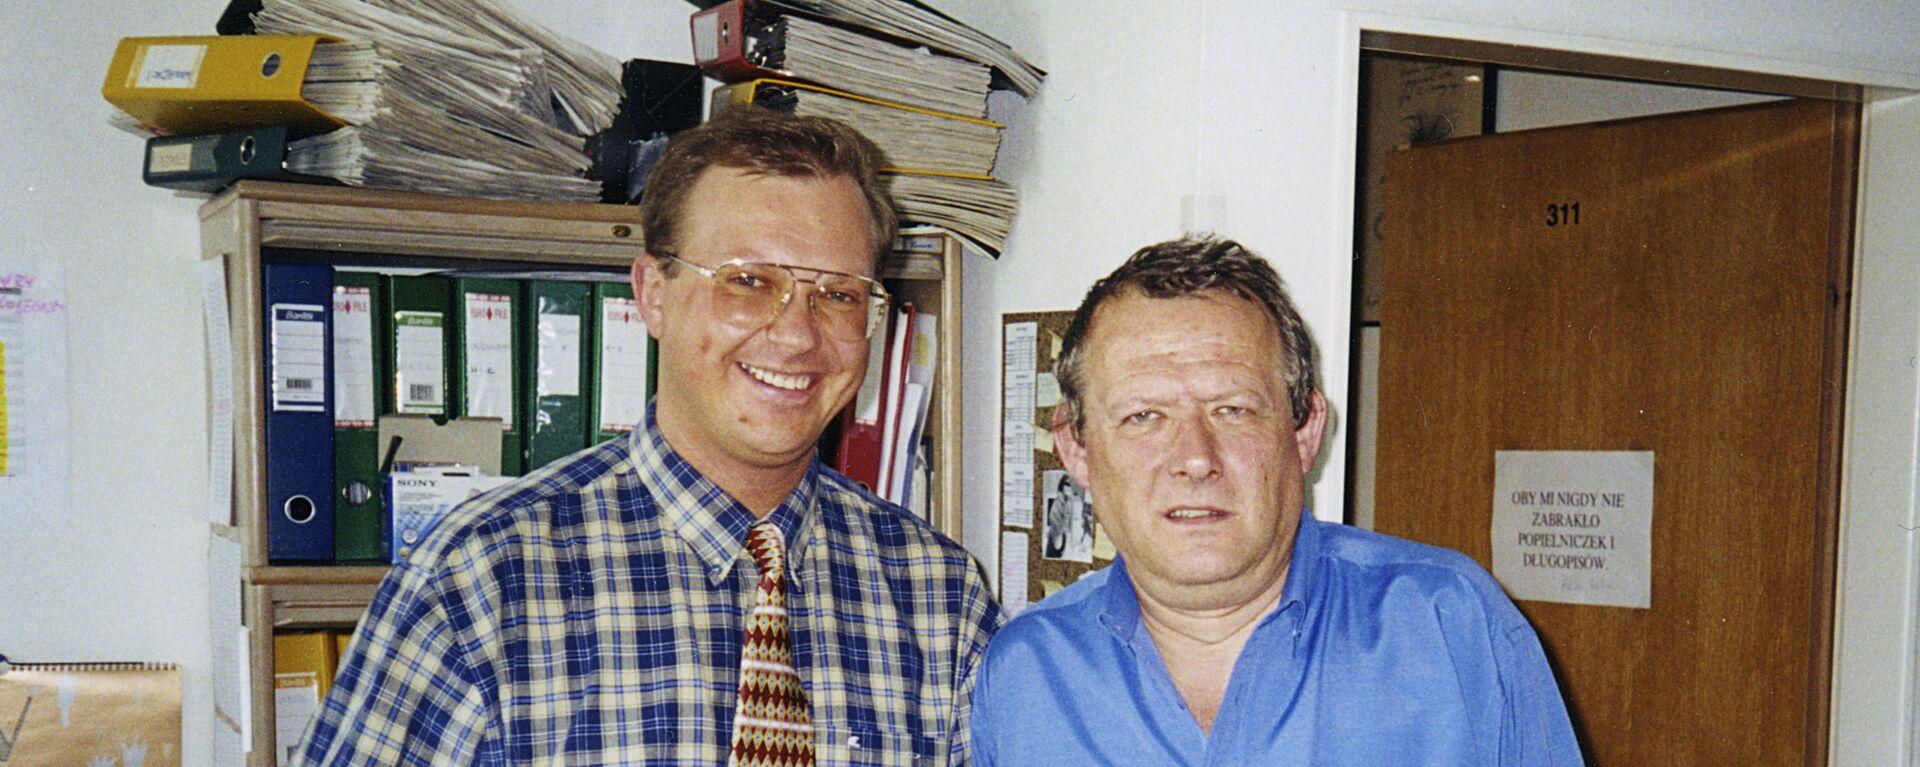 Redaktor naczelny Gazety Wyborczej Adam Michnik i redaktor Leonid Swiridow. Warszawa. - Sputnik Polska, 1920, 24.08.2016